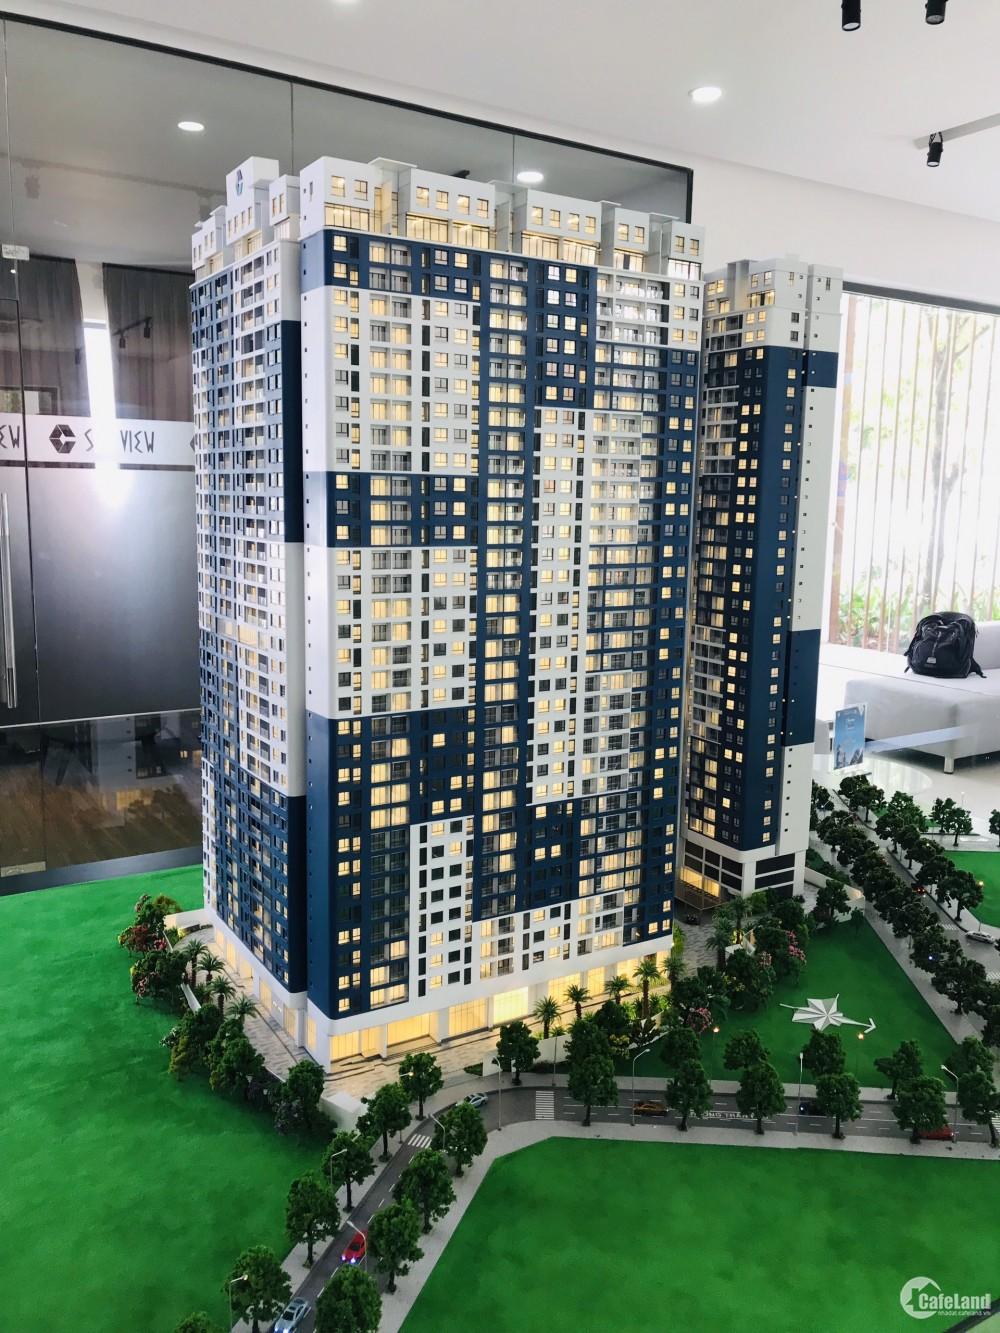 Chính thức mở bán căn hộ C-Sky View Chánh Nghĩa Quốc Cường, chỉ 1,6 tỷ/căn Full nội thất cao cấp